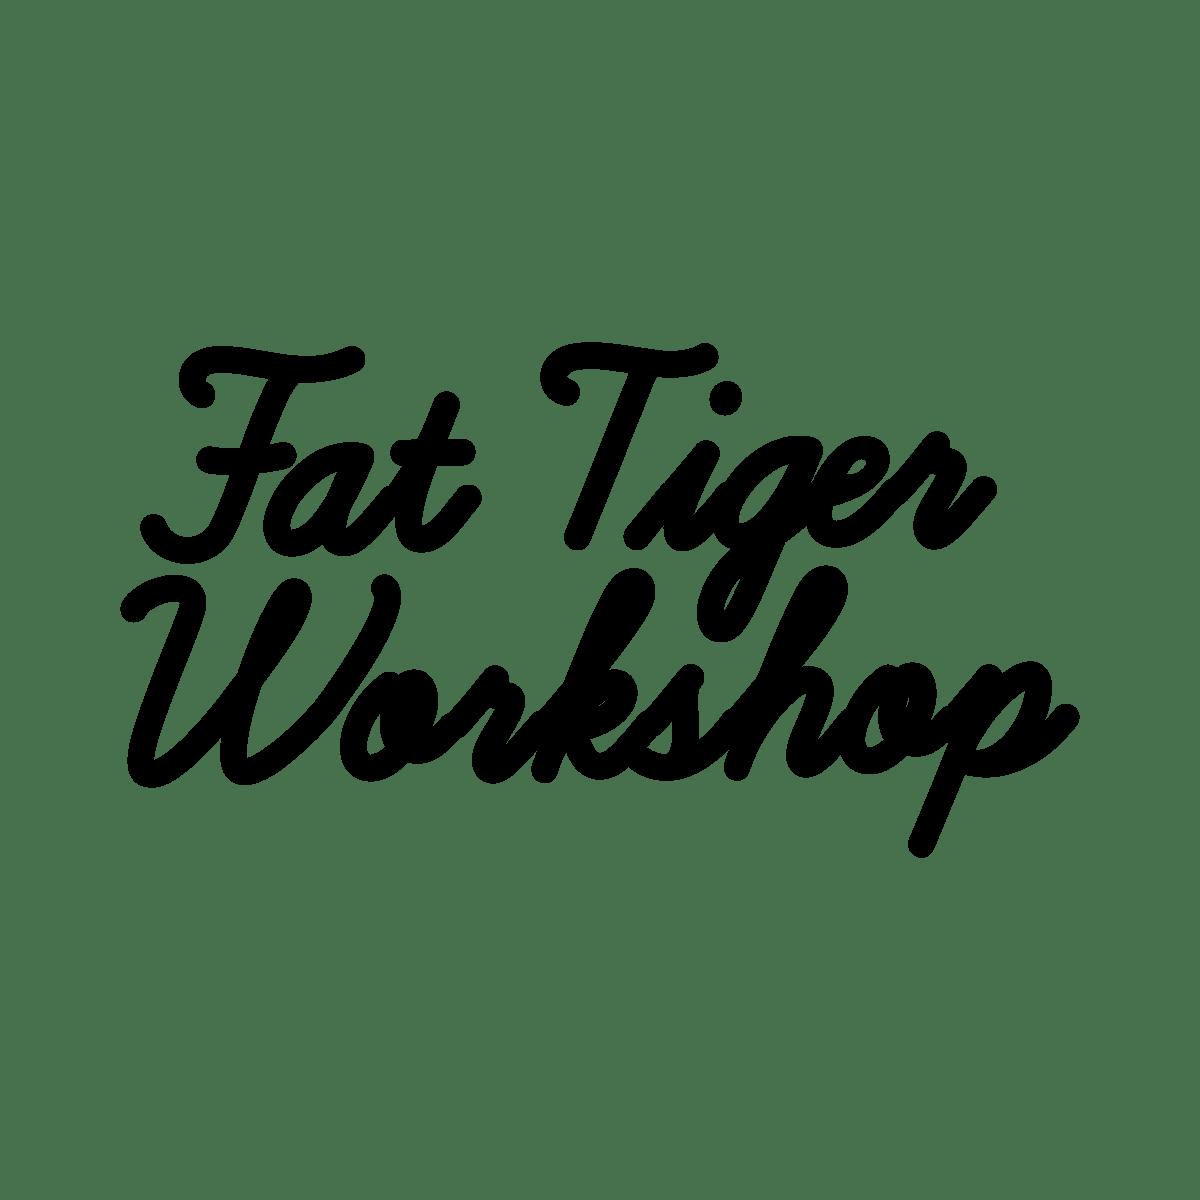 Fat Tiger Workshop